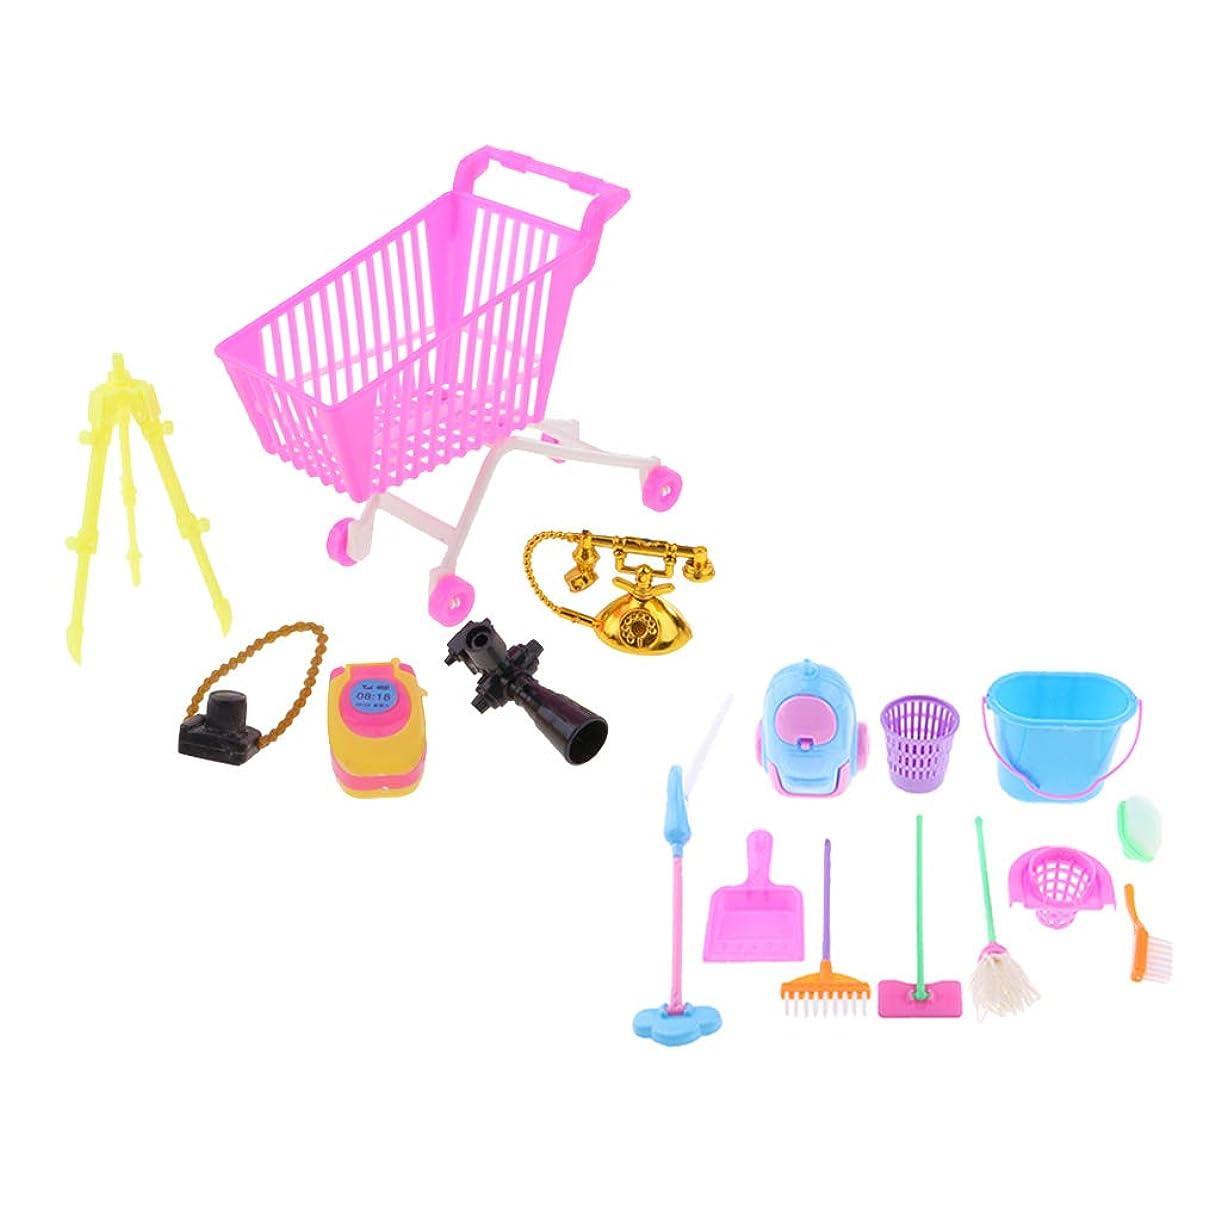 火山抑止する少し12インチアクションフィギュア人形用ショッピングカートセット&クリーニング家具玩具